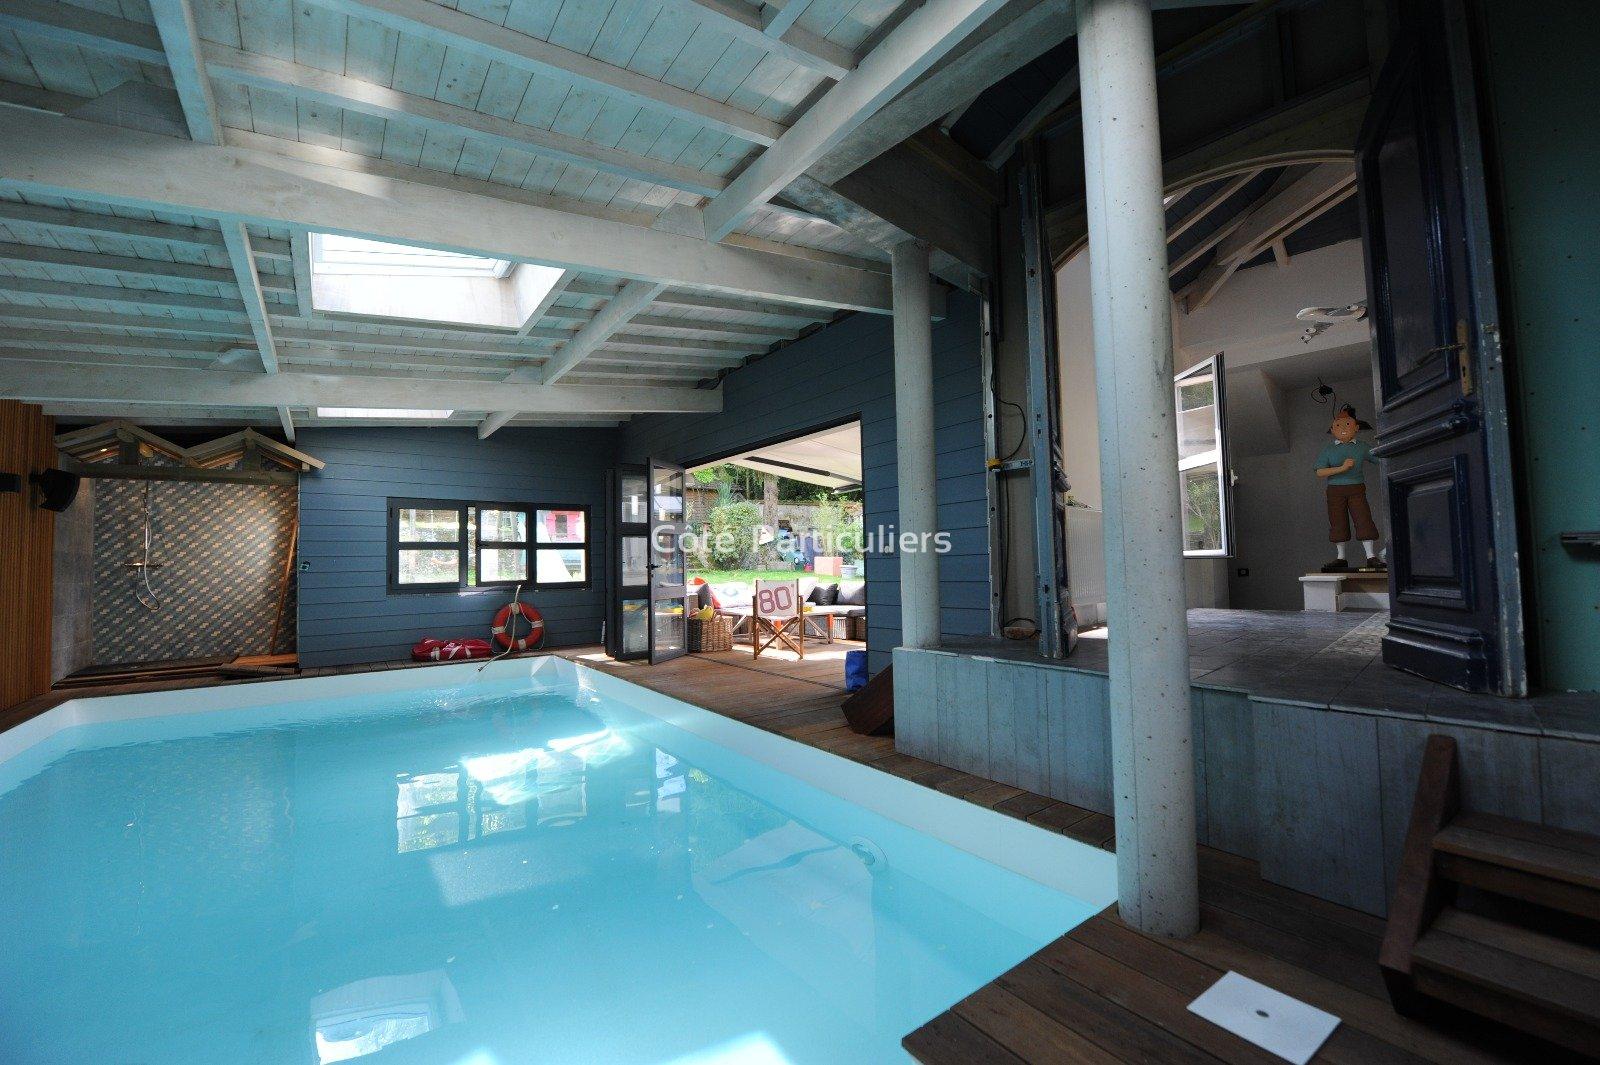 Vente Maison 19Ème Siècle Avec Piscine Couverte intérieur Piscine De Lagny Sur Marne